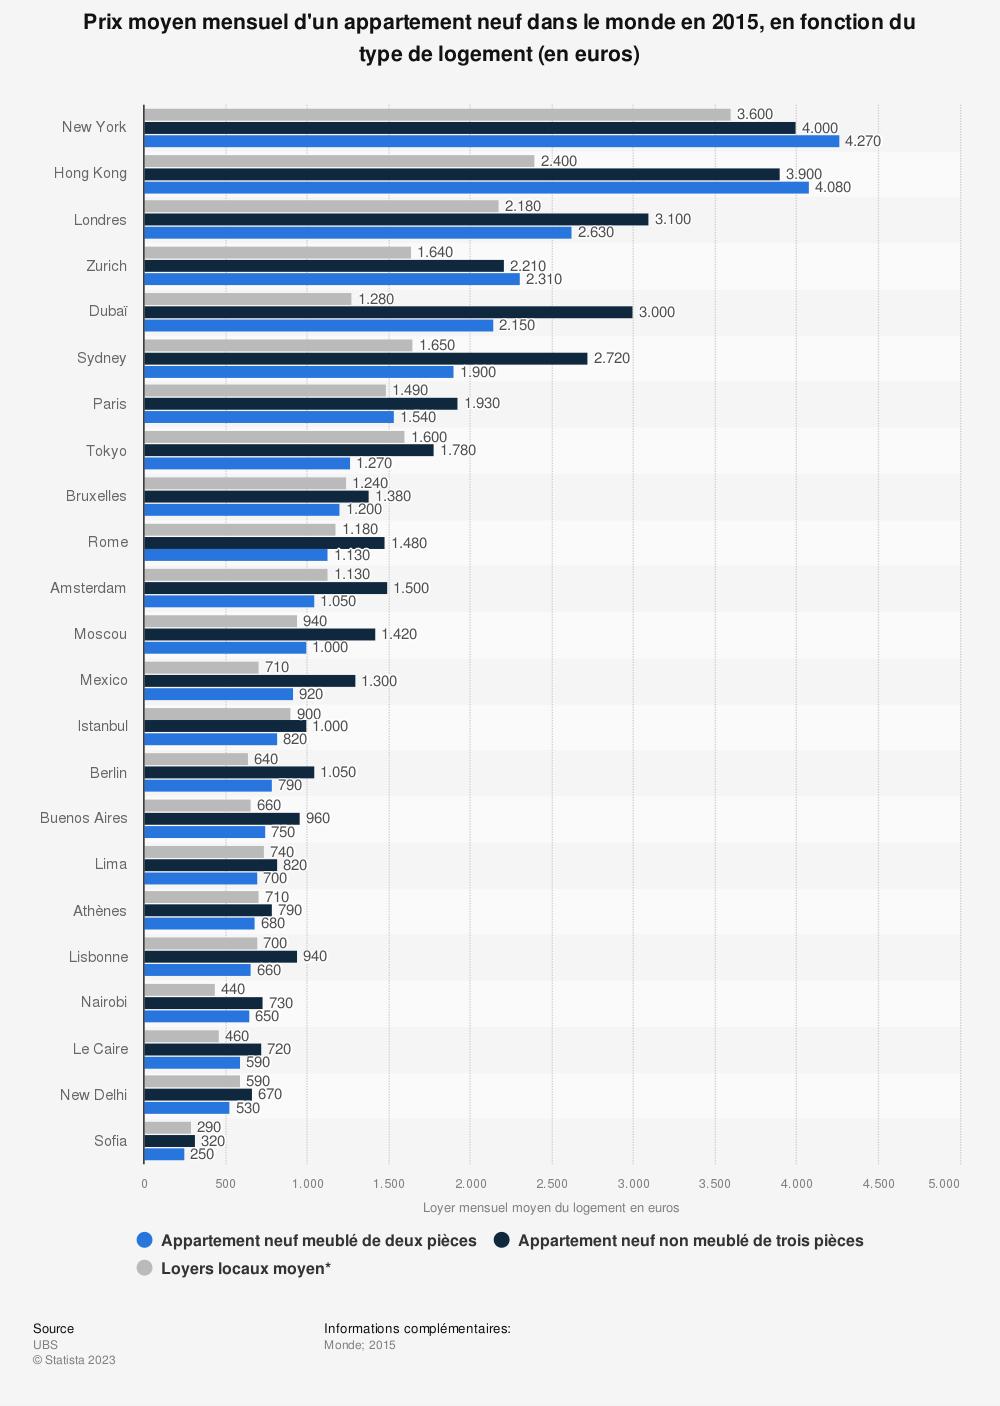 Statistique: Prix moyen mensuel d'un appartement neuf dans le monde en 2015, en fonction du type de logement (en euros) | Statista